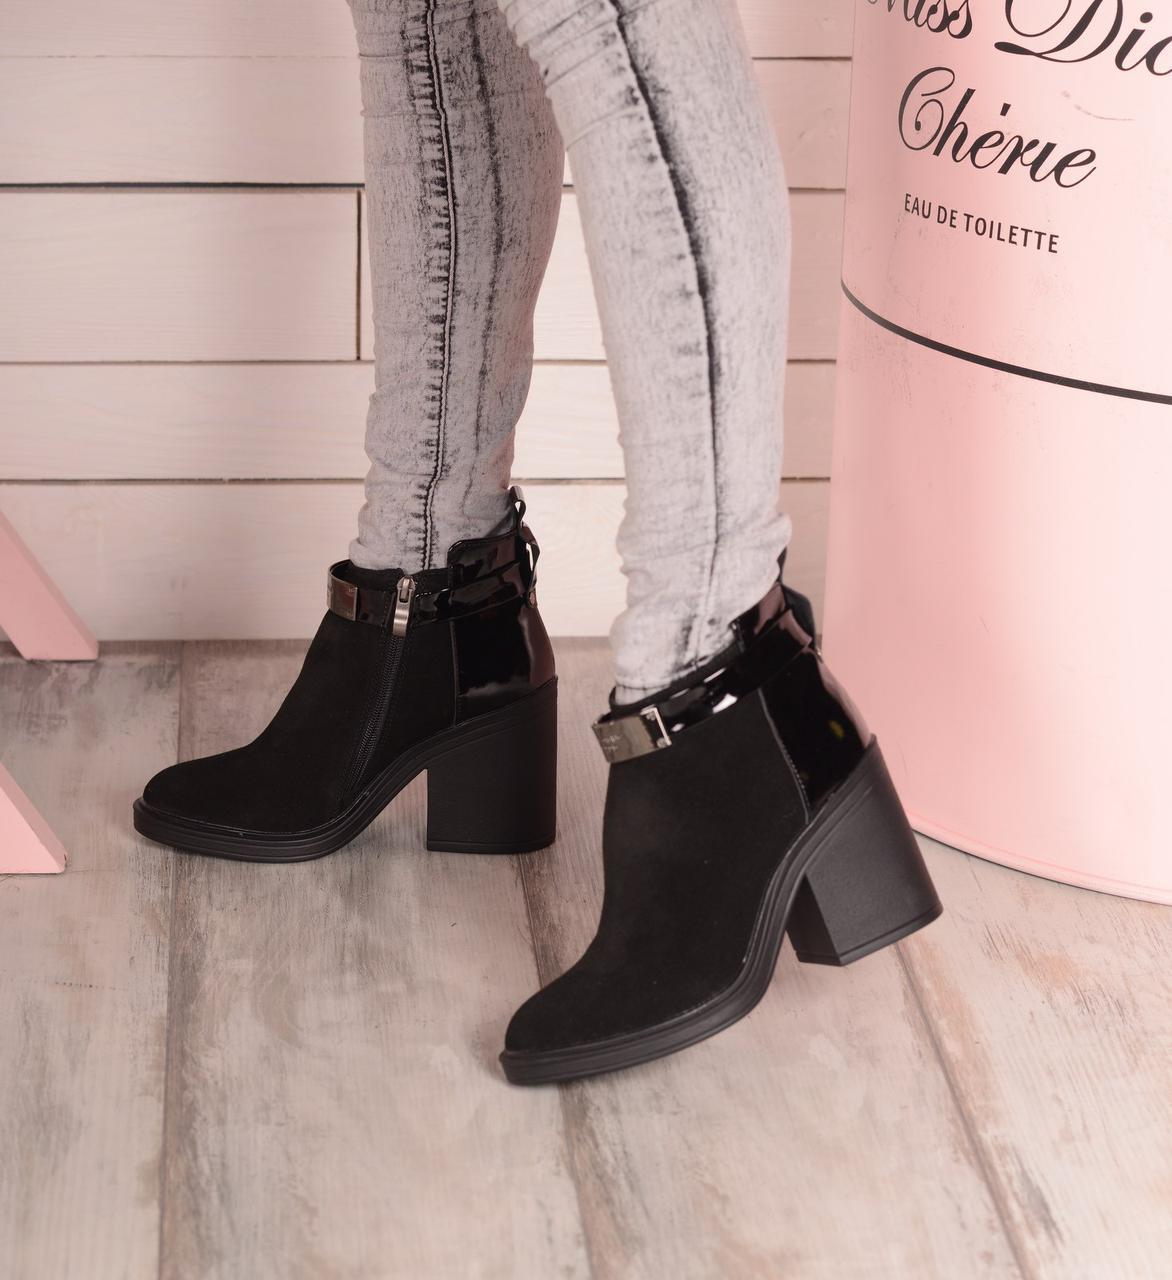 402910e81 Женские кожаные ботинки на небольшом широком каблуке 5,5 см ...